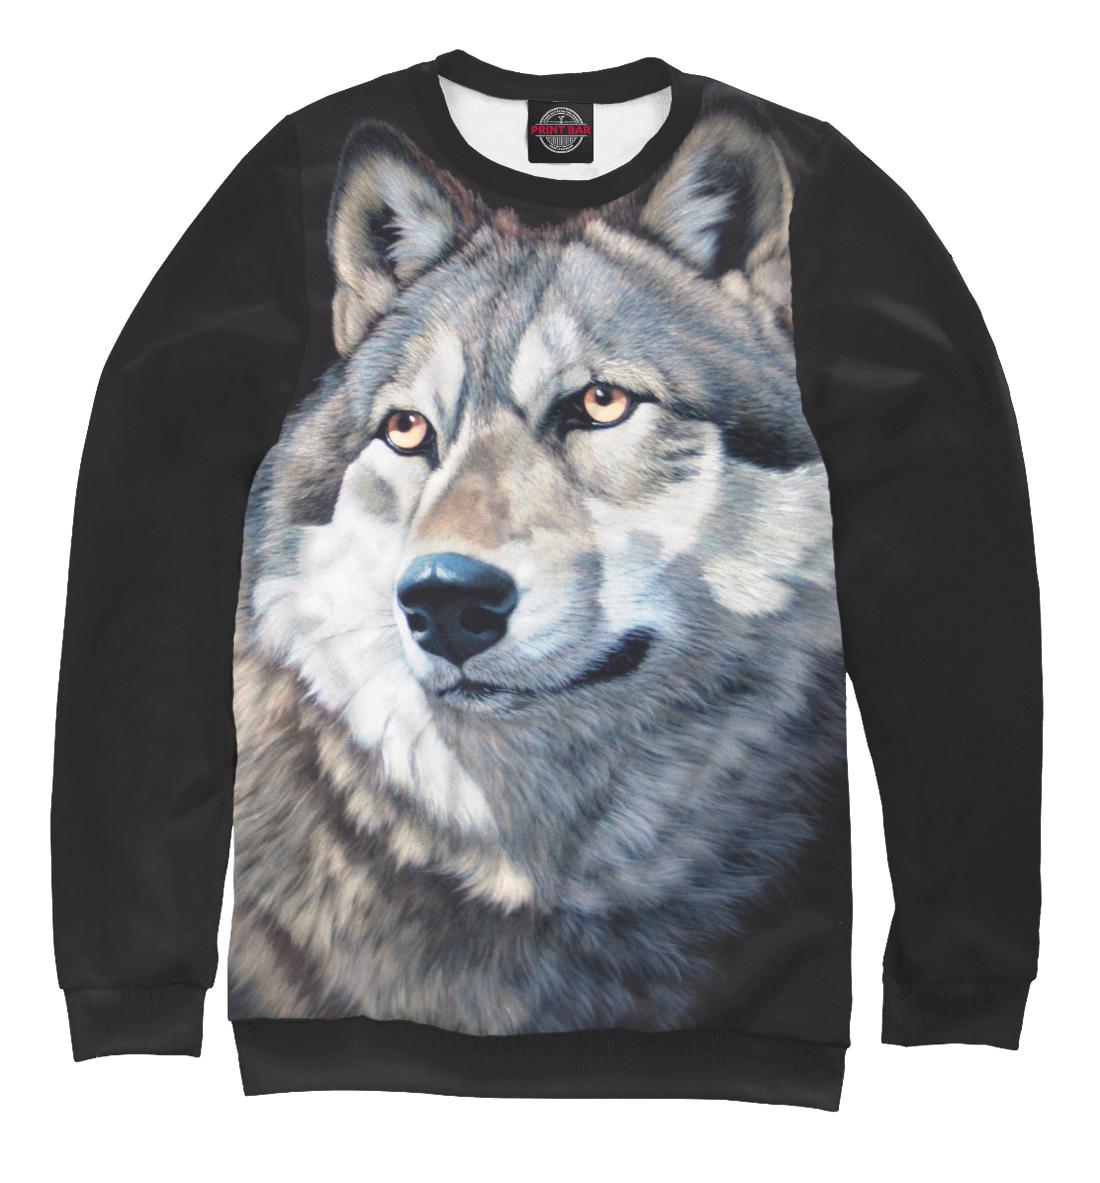 Купить Волк Вожак, Printbar, Свитшоты, VLF-372603-swi-1